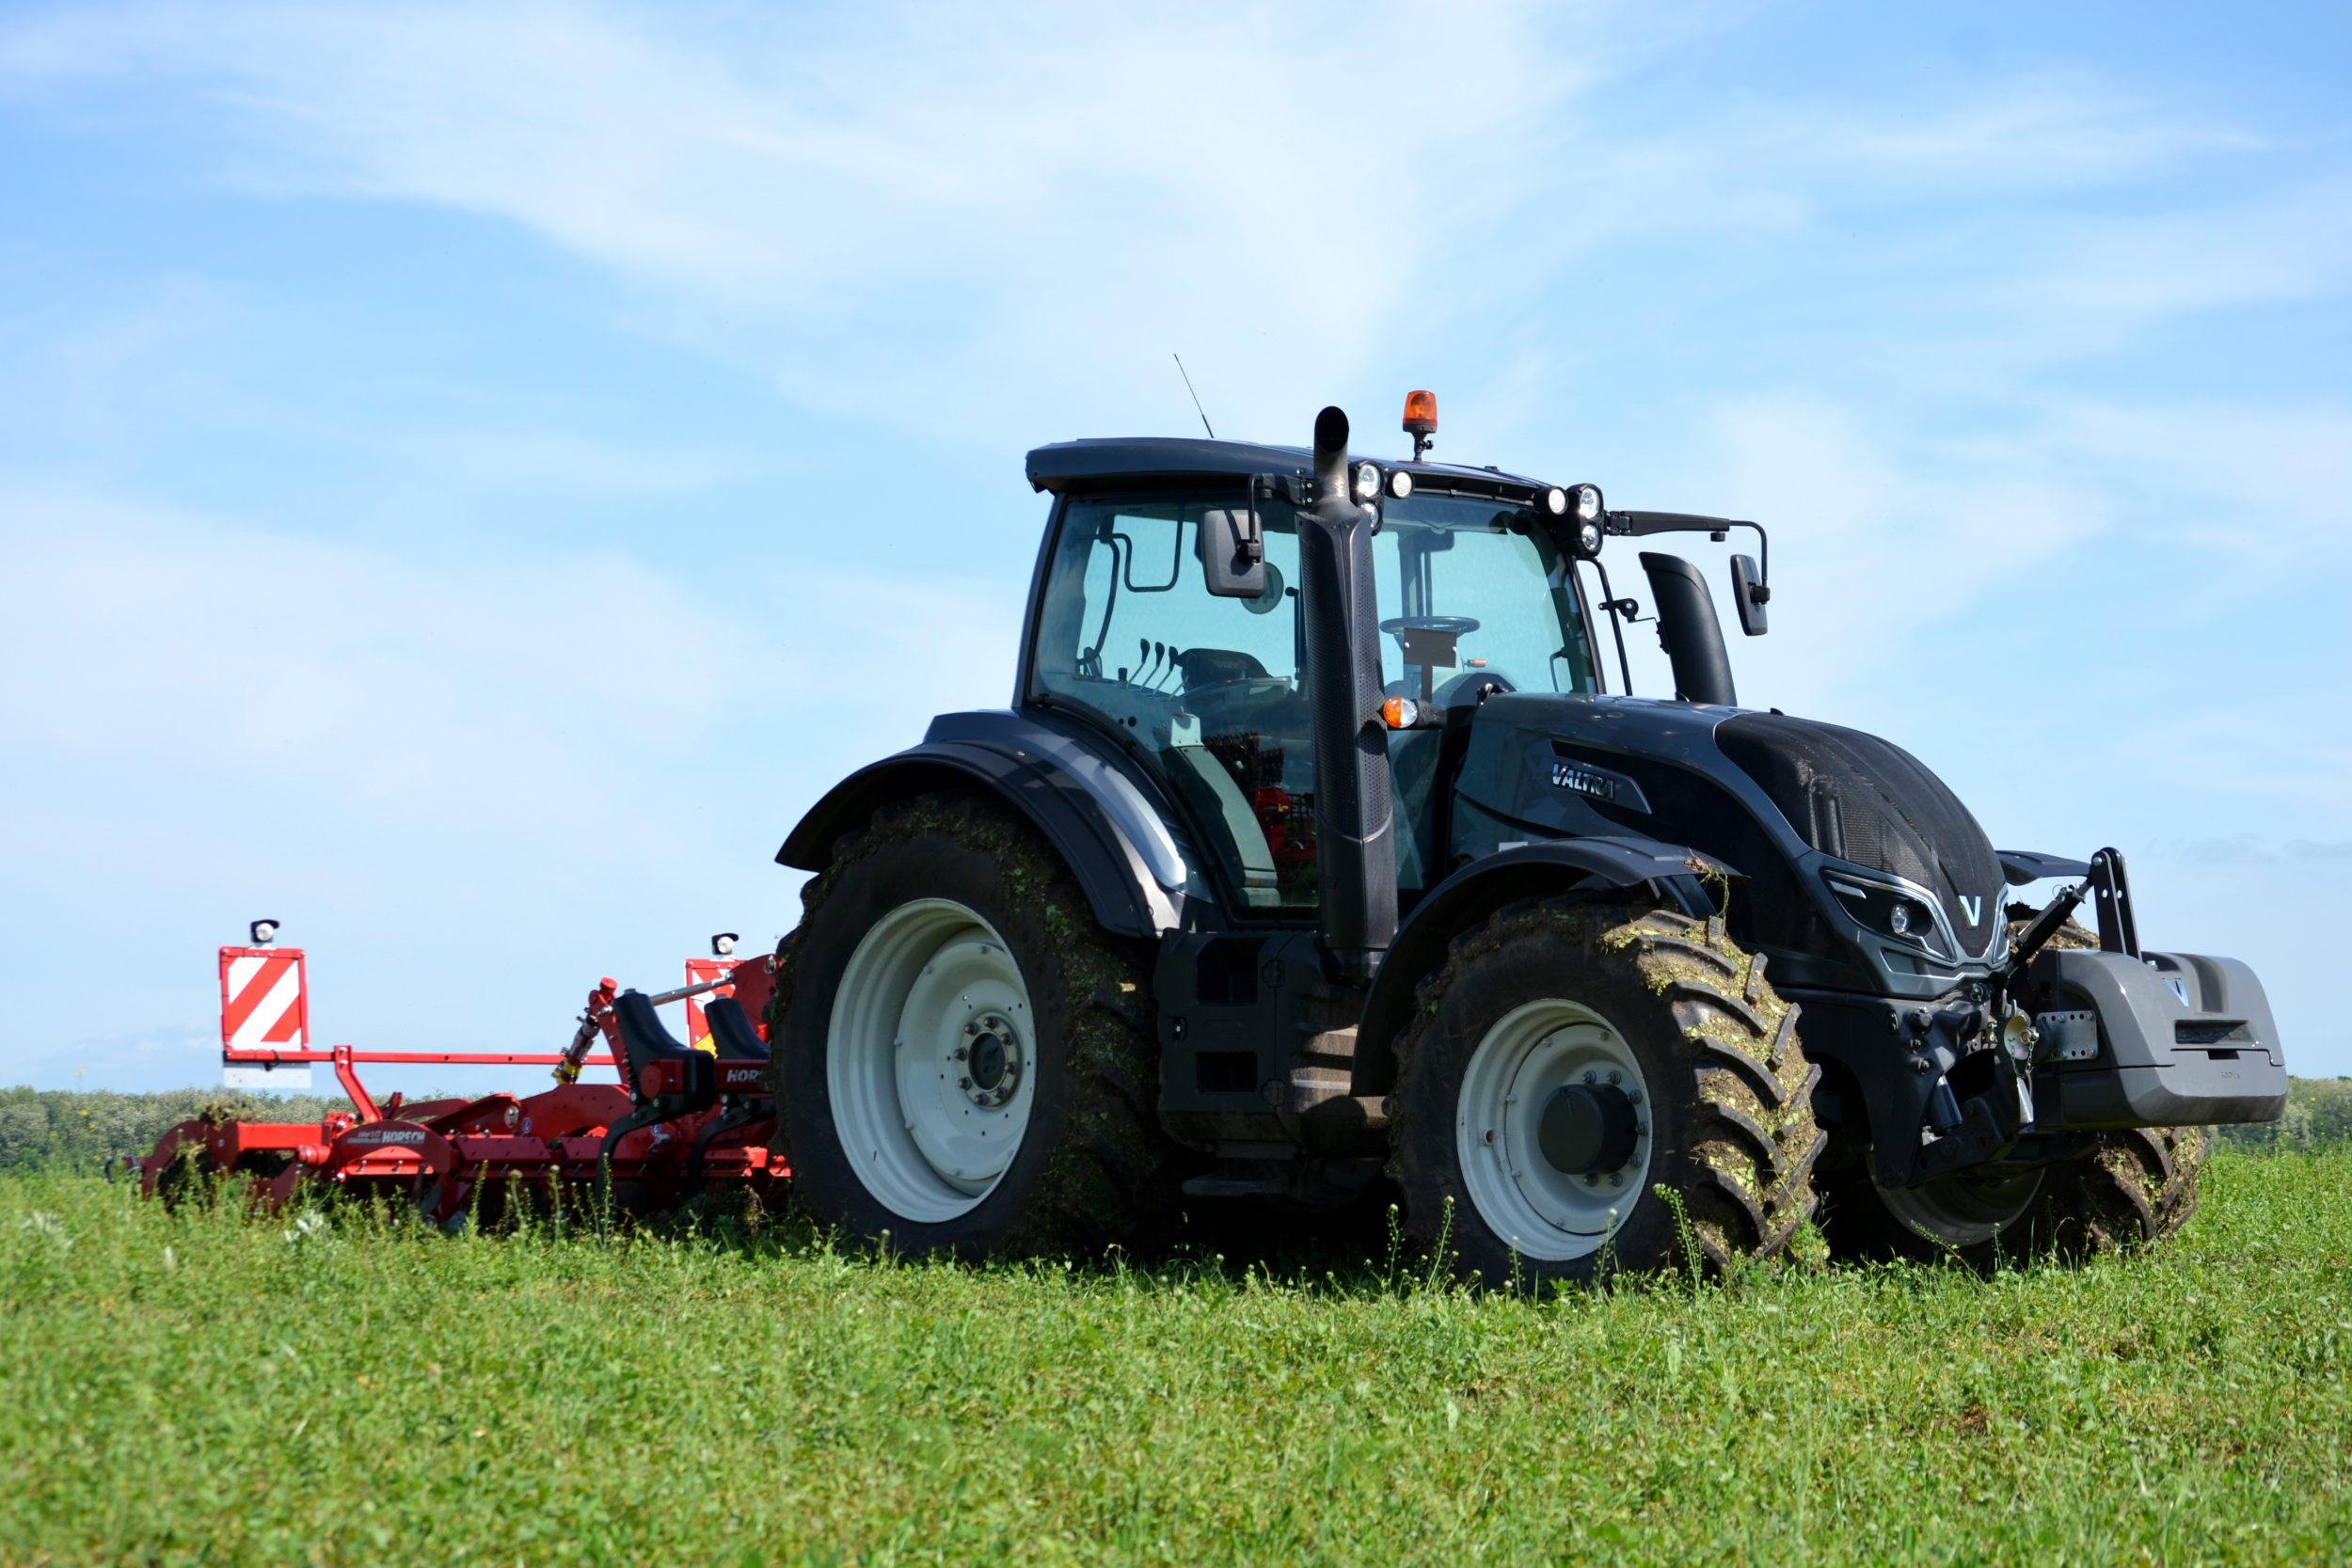 Tractor negru macra Valtra cu grapa cu discuri compacta.